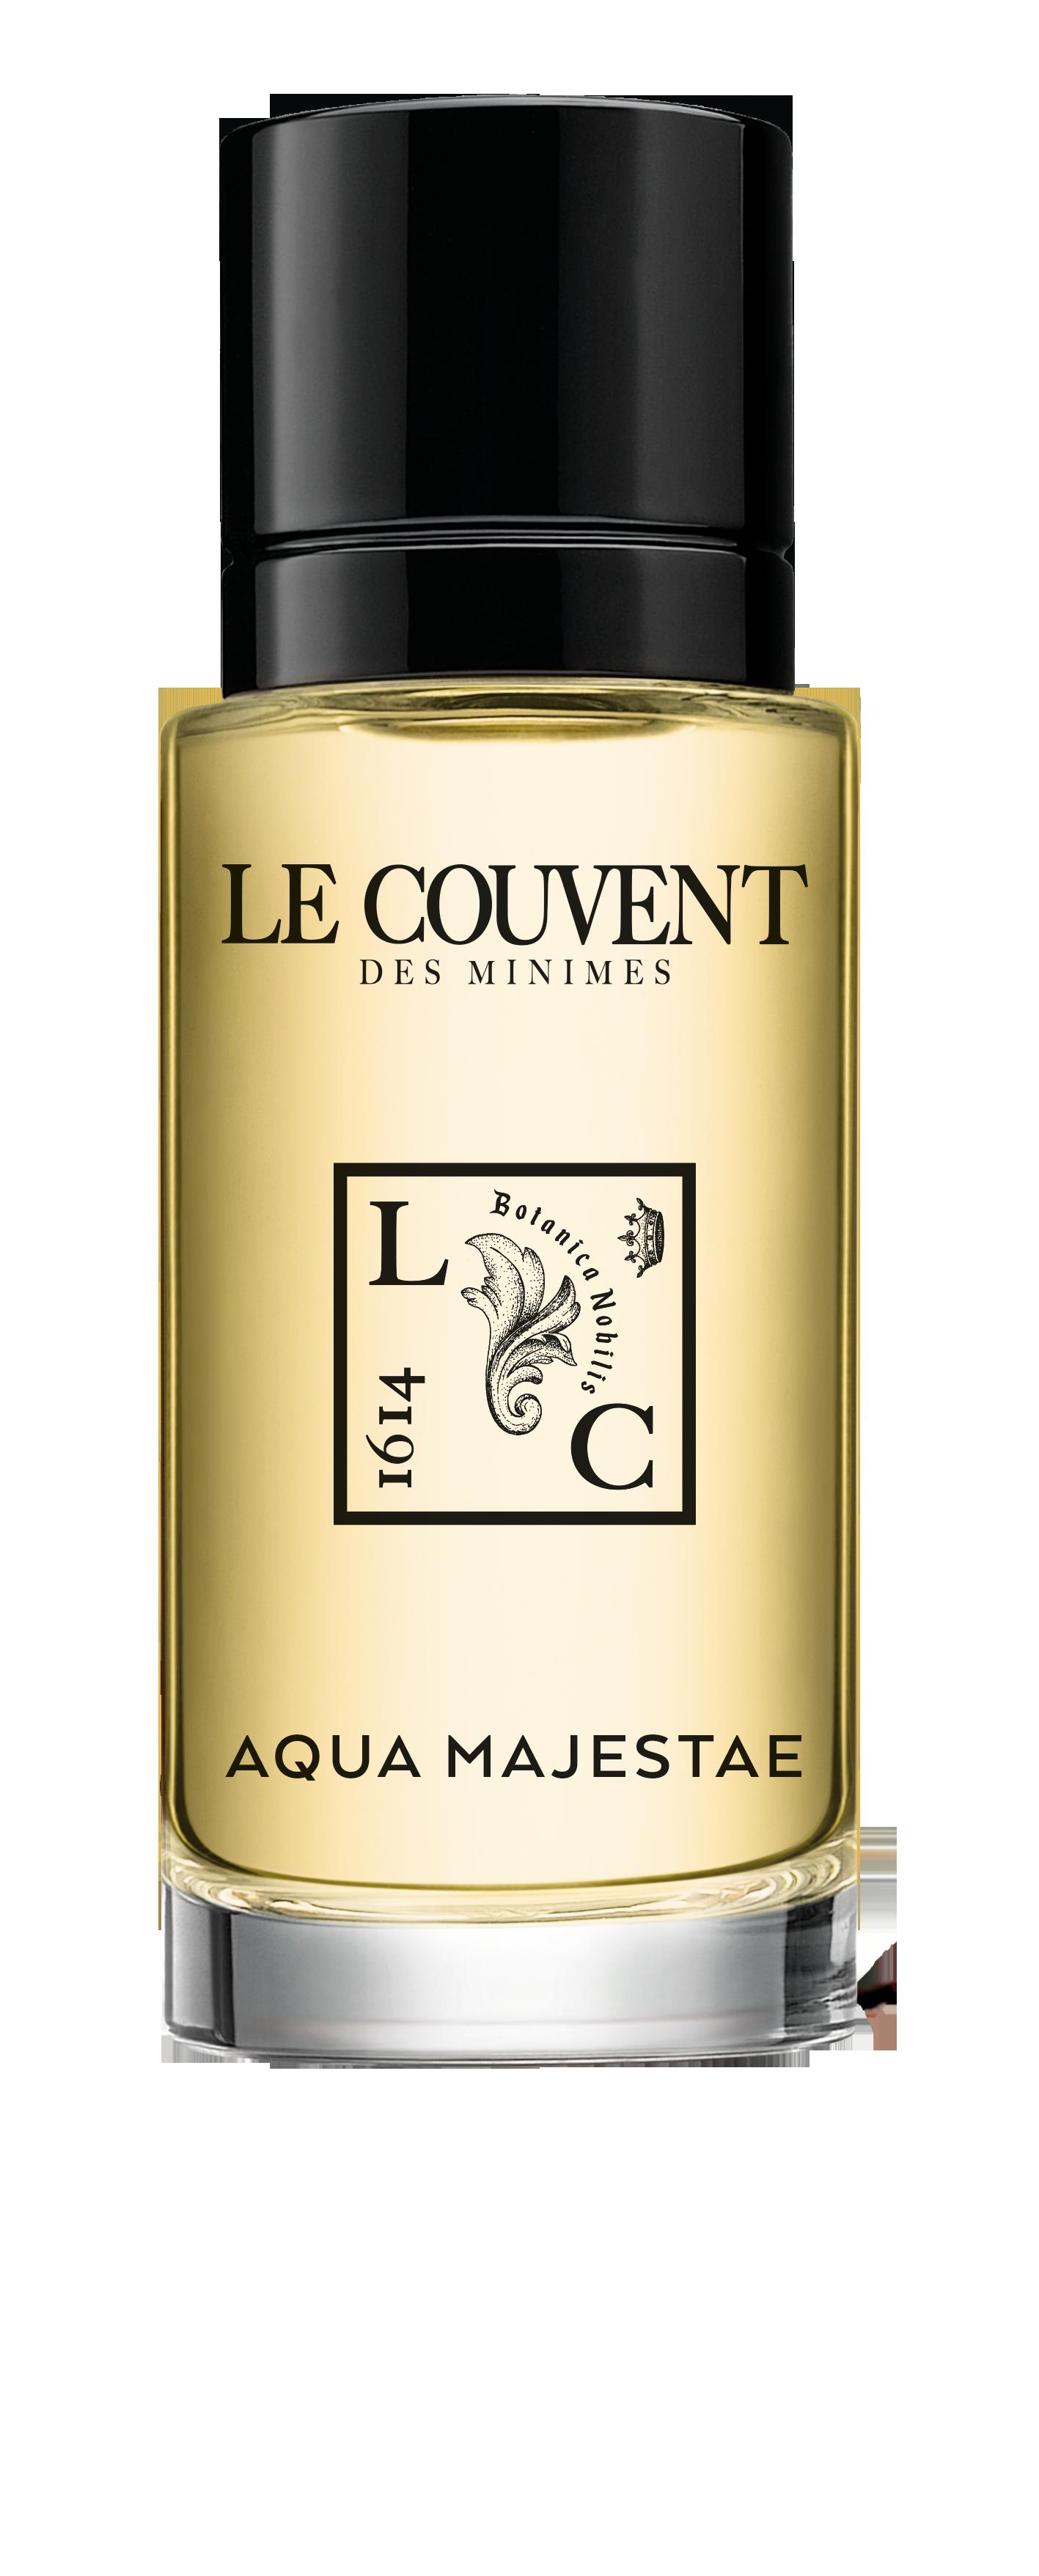 Cologne Botanique Aqua Majestae EdT 50 ml Le Couvent